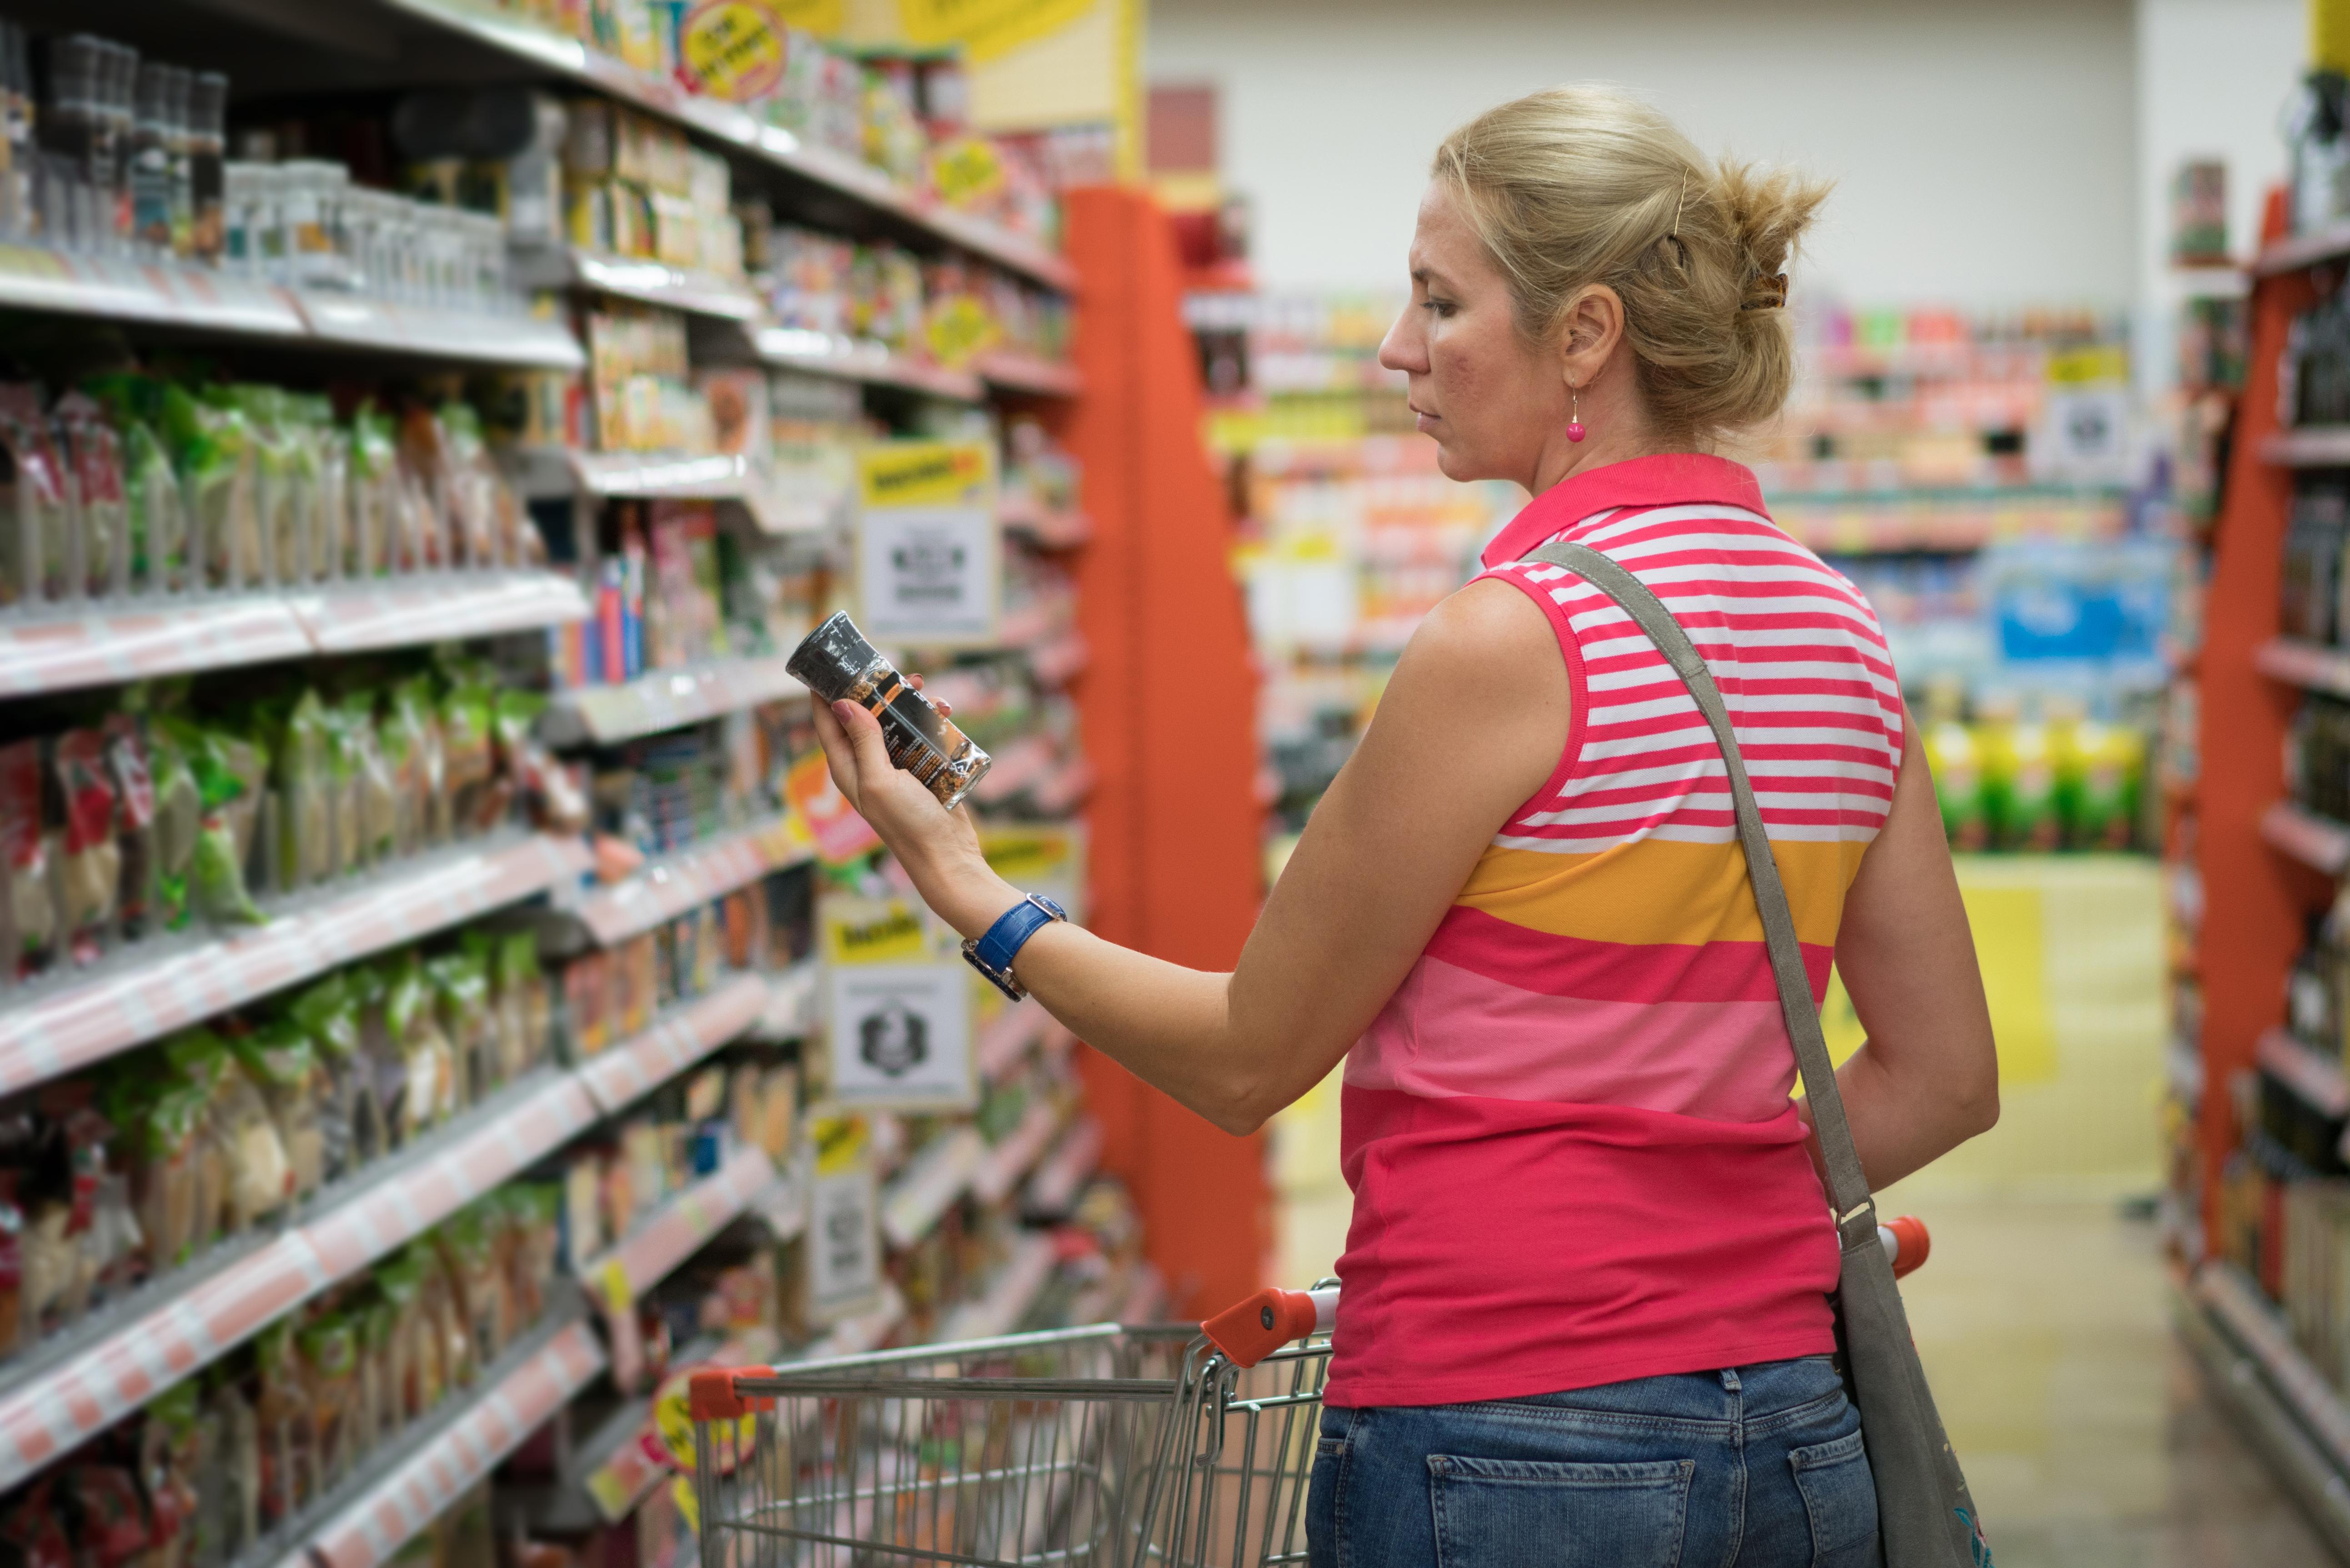 <p><strong>Подправки</strong>&nbsp;</p>  <p>Покупка, която звучи абсолютно нормално да закупиш от хранителен магазин, но не винаги това е най-изгодното решение. В малък магазин за насипни храни и подправки може да закупите точно количеството, което ви е необходимо. Така ще си спестите пари и едновременно с това няма да купувате излишно количество, което не ви трябва.</p>